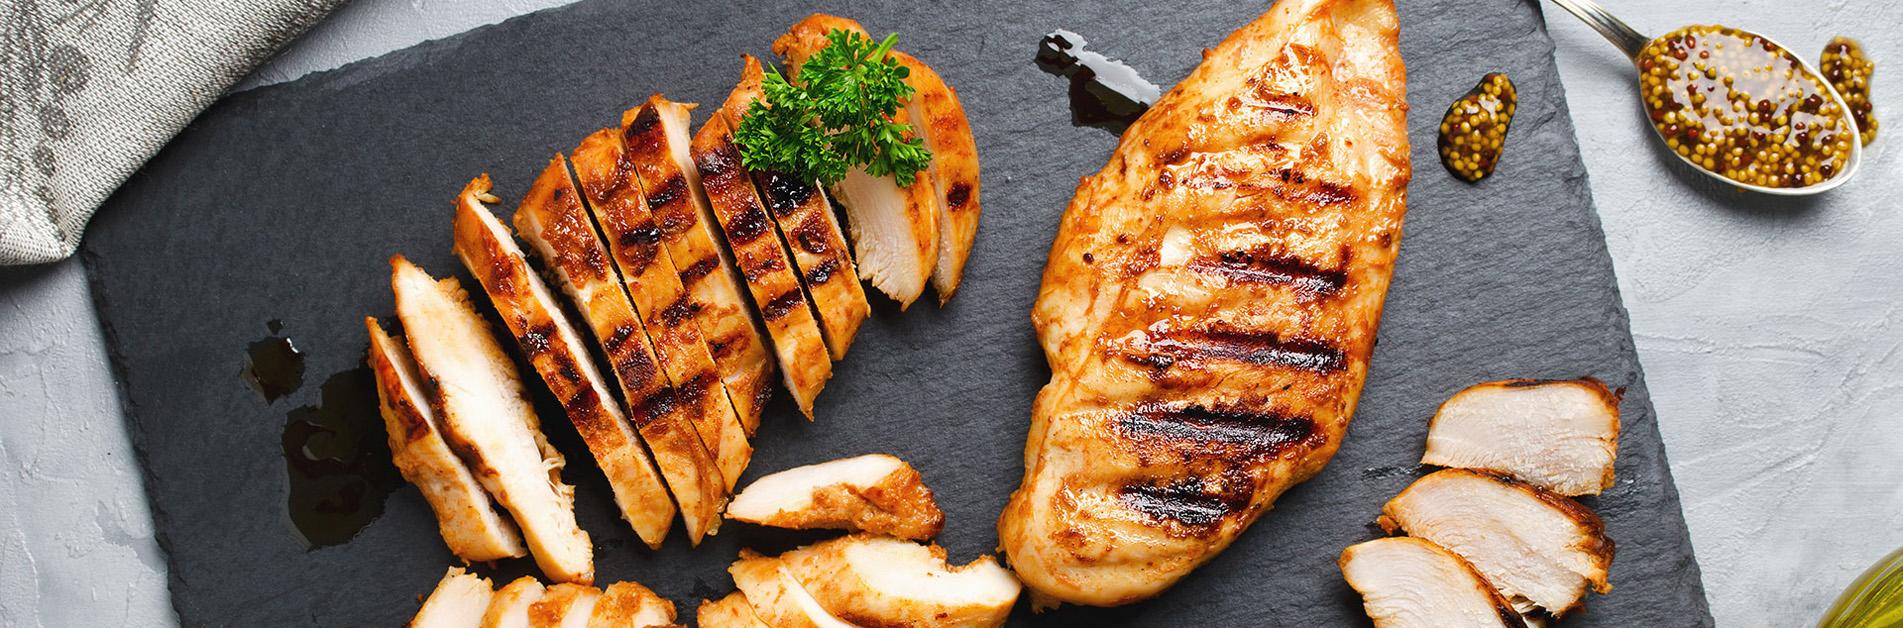 Купить куриное мясо оптом в Самаре